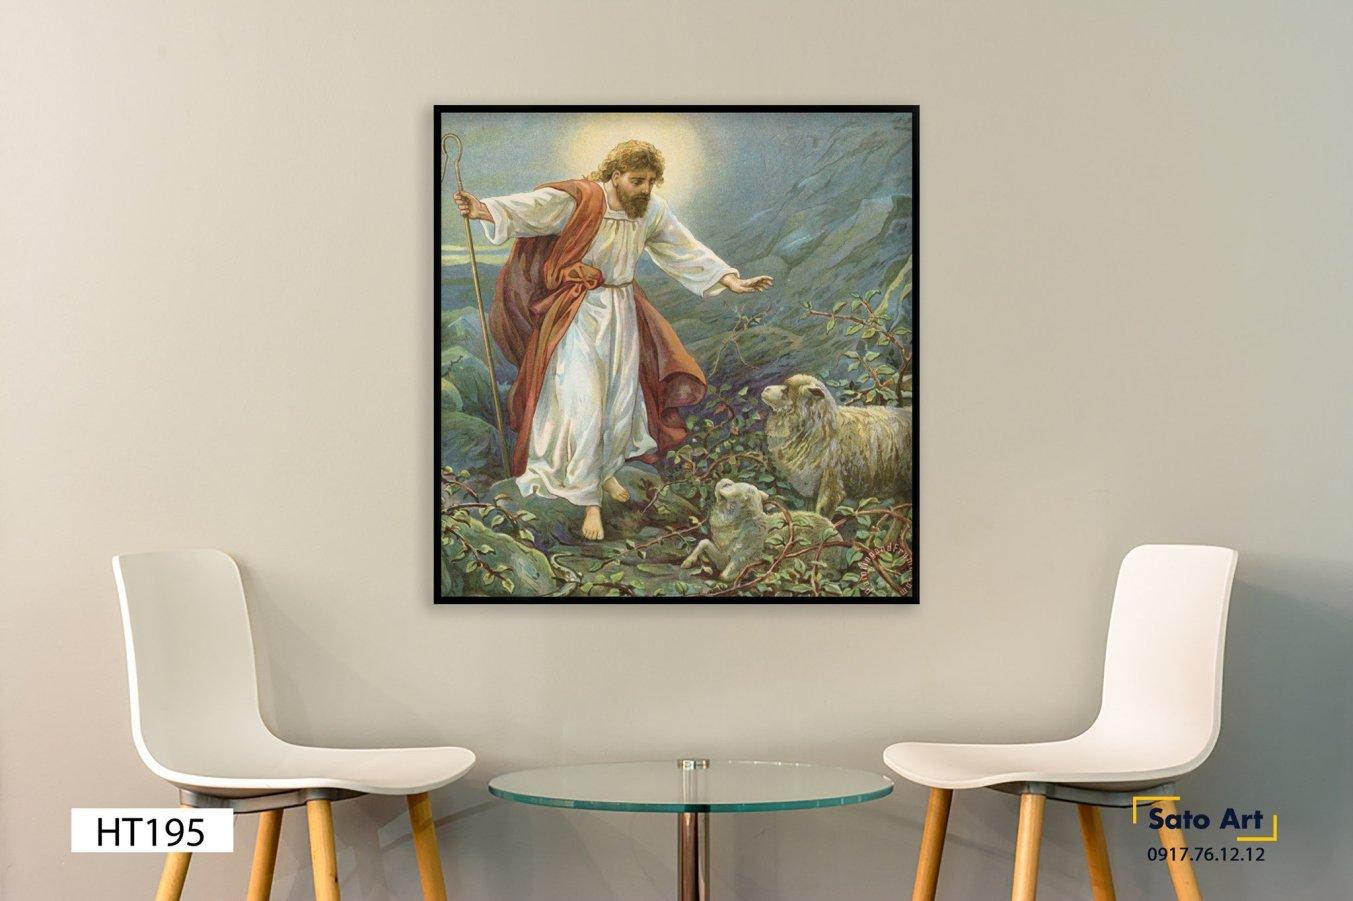 Hình ảnh tranh sơn dầu Đức Chúa